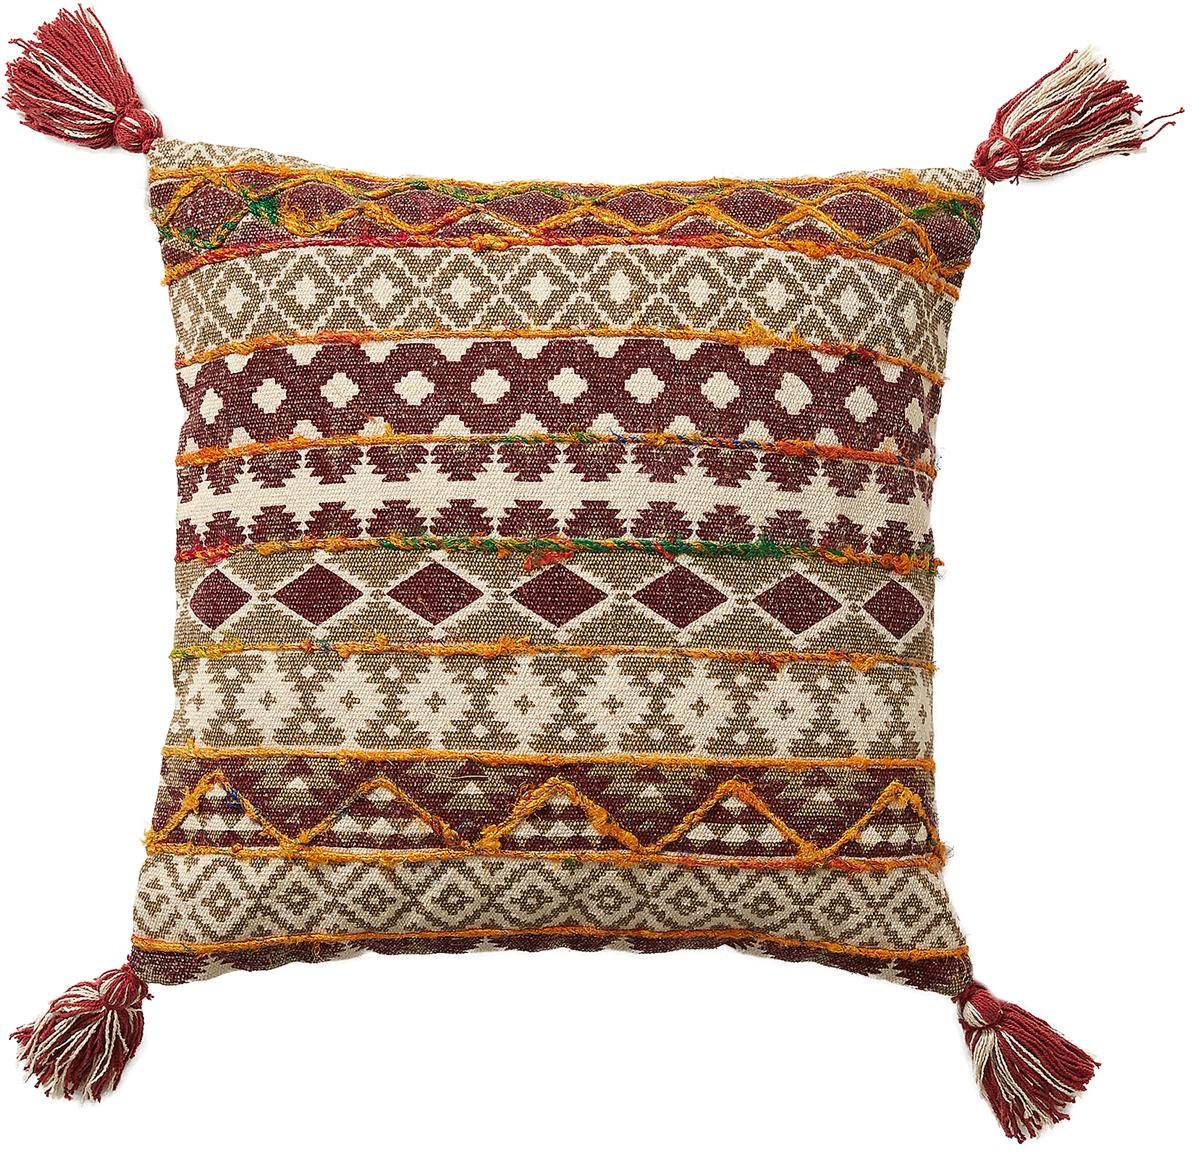 Ethno Kissenhülle Mahesana mit Quasten, 100% Baumwolle, Beige, Rot, Gelb, Grün, 45 x 45 cm